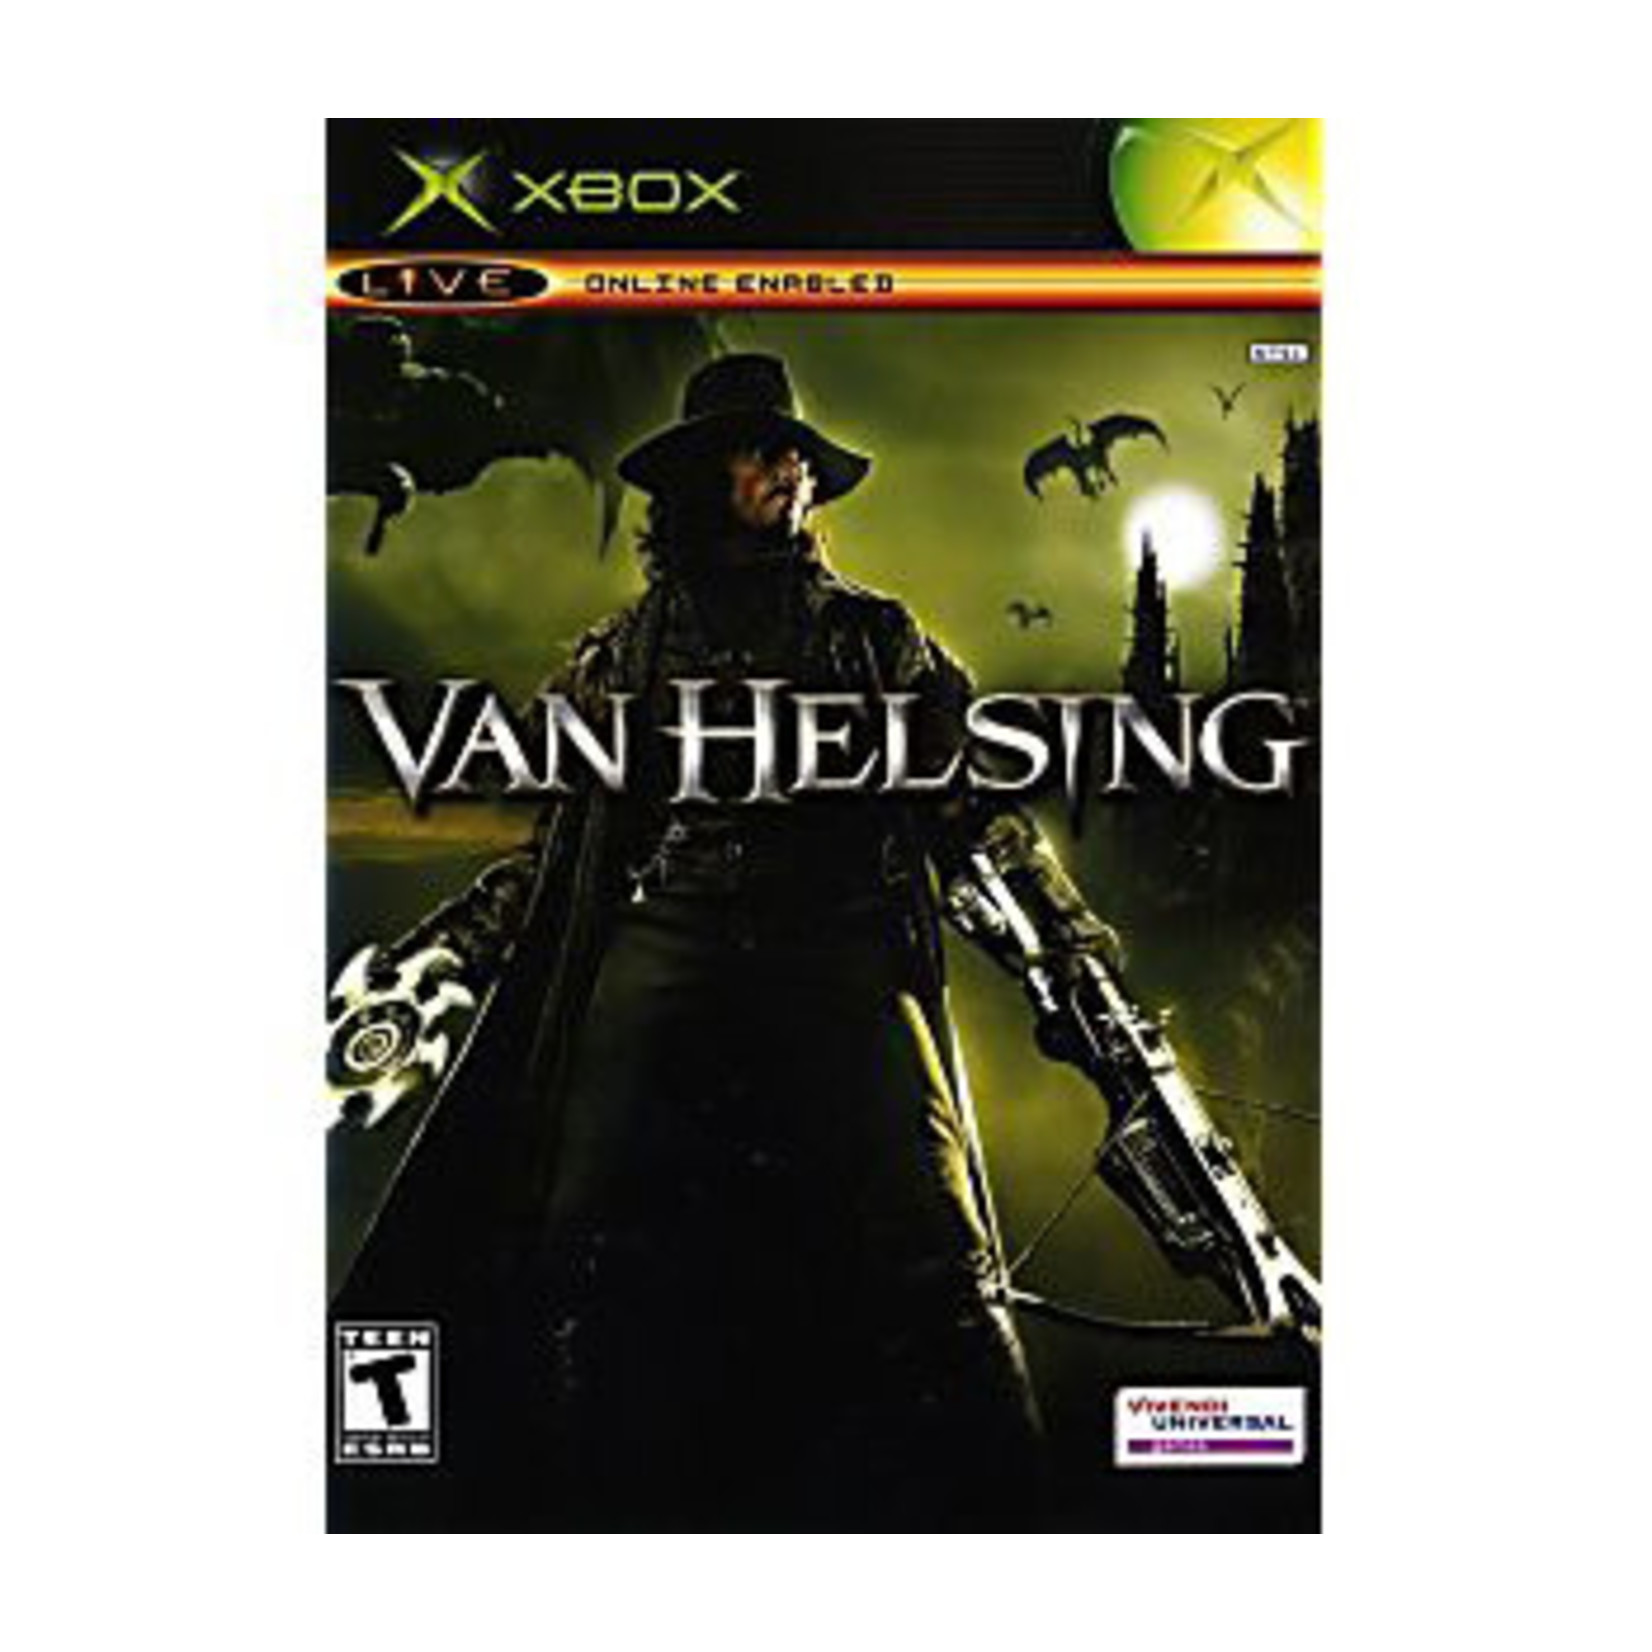 XBU-VAN HELSING